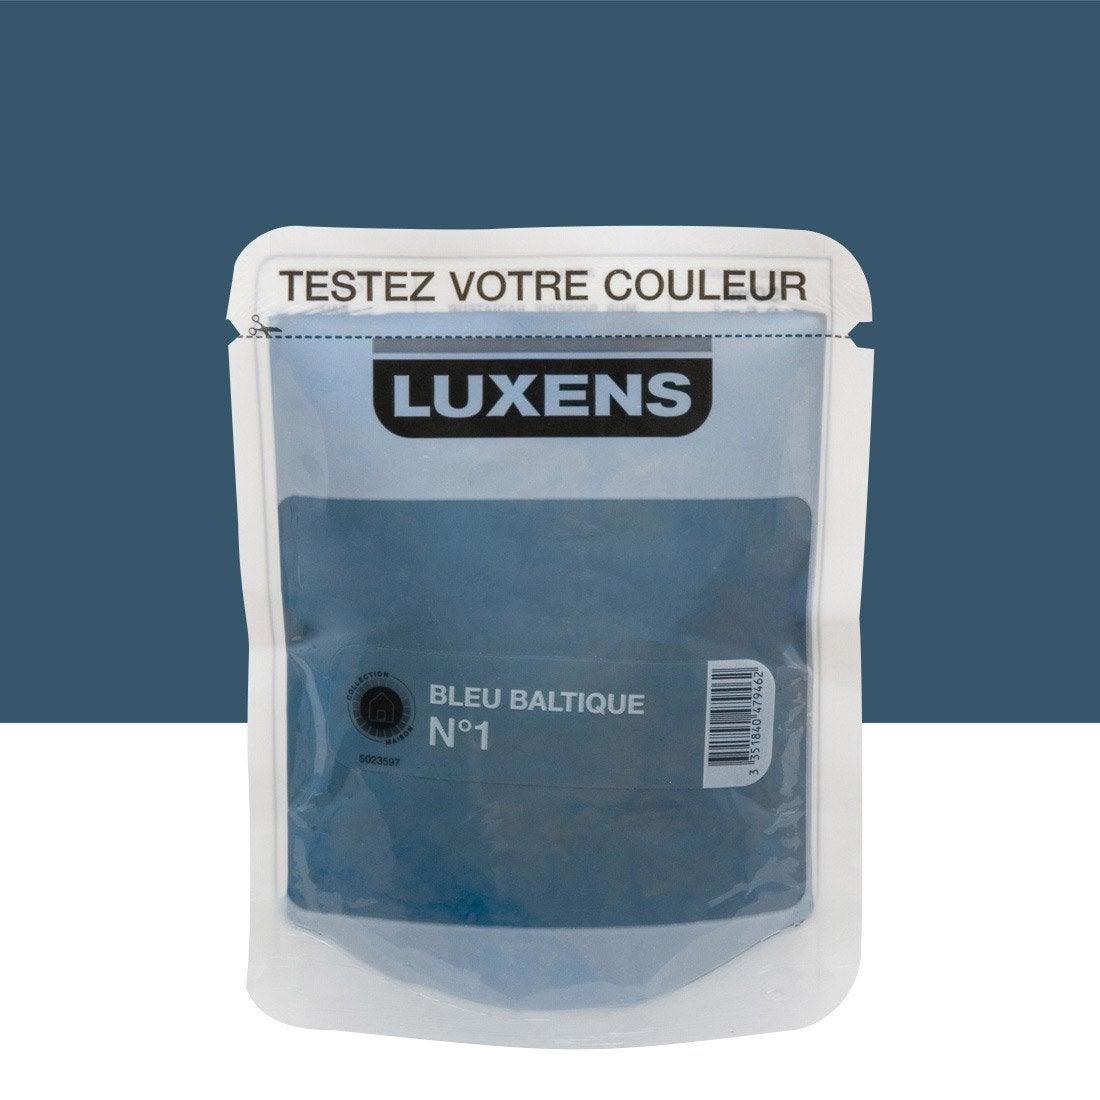 Testeur peinture couleurs int rieures satin luxens bleu - Peinture bleu fjord ...